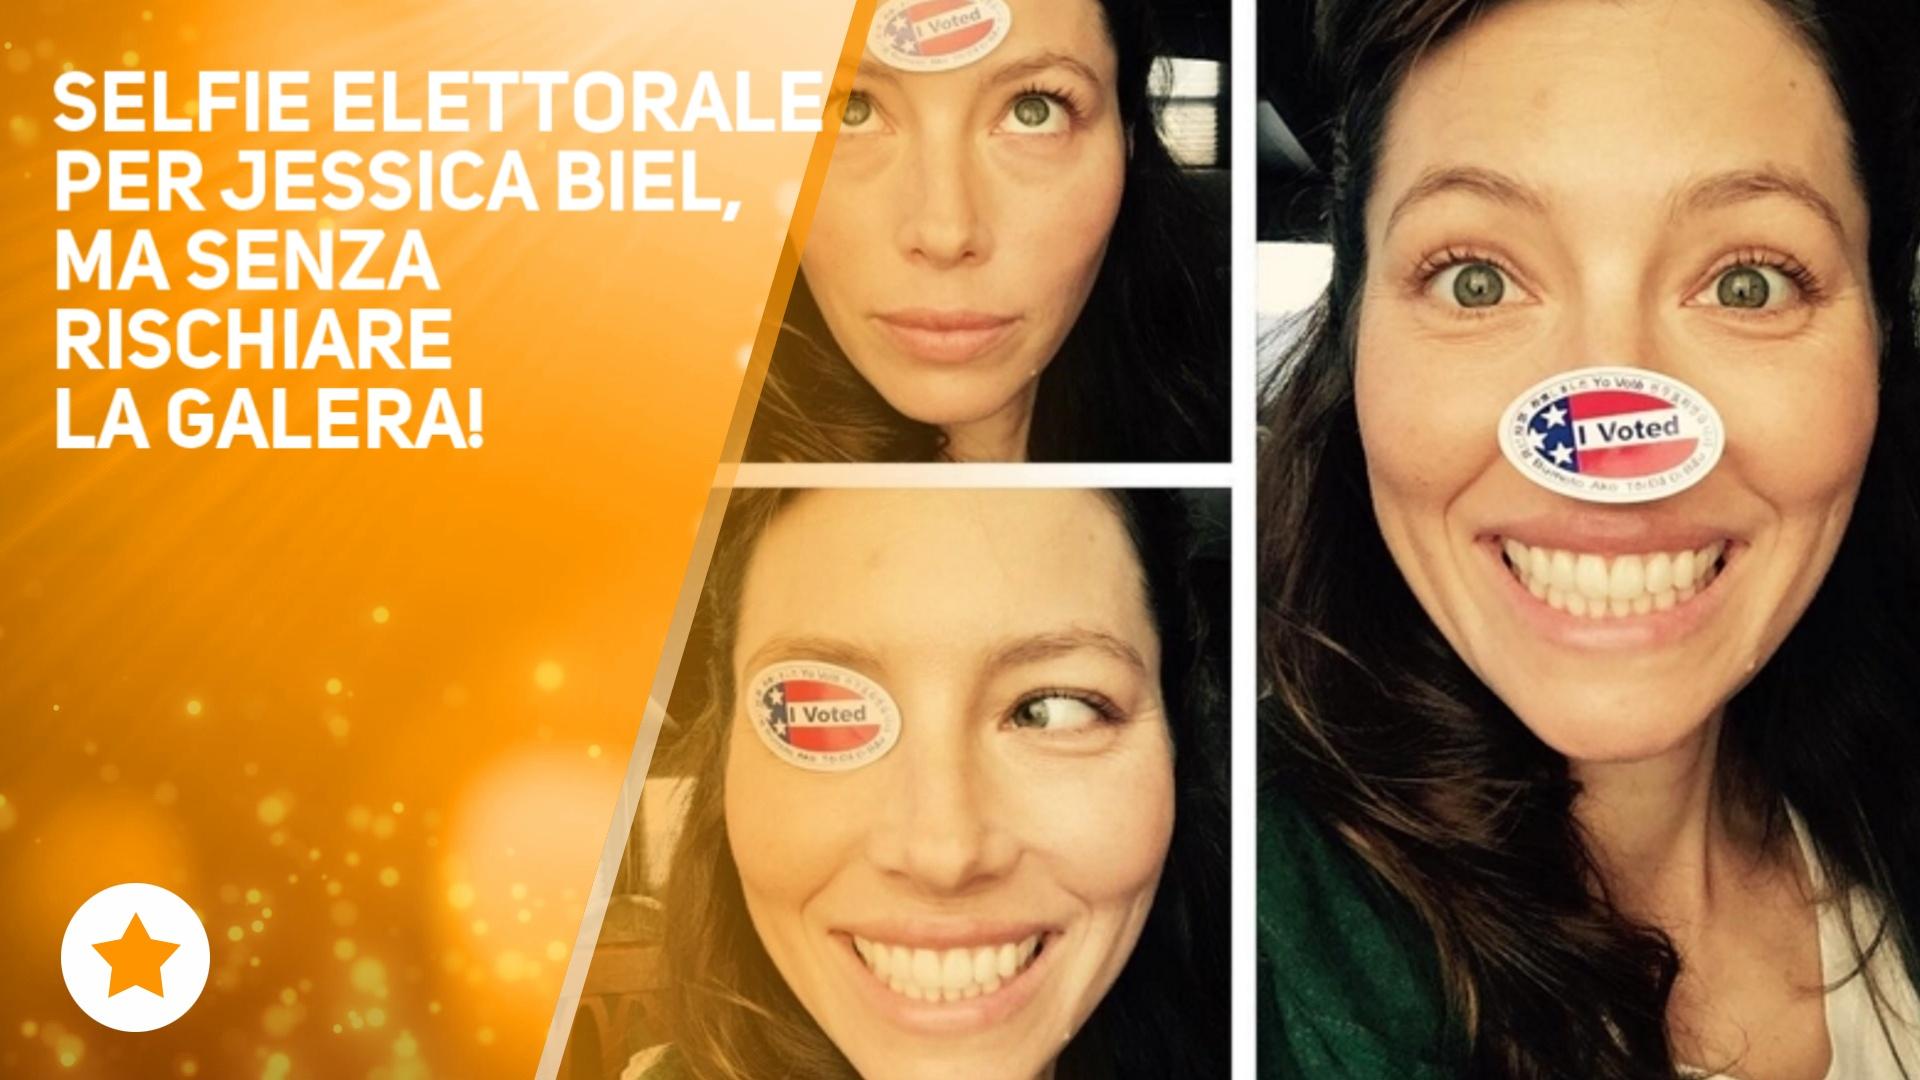 Jessica Biel: 'Maritino i selfie al voto si fanno cosi''